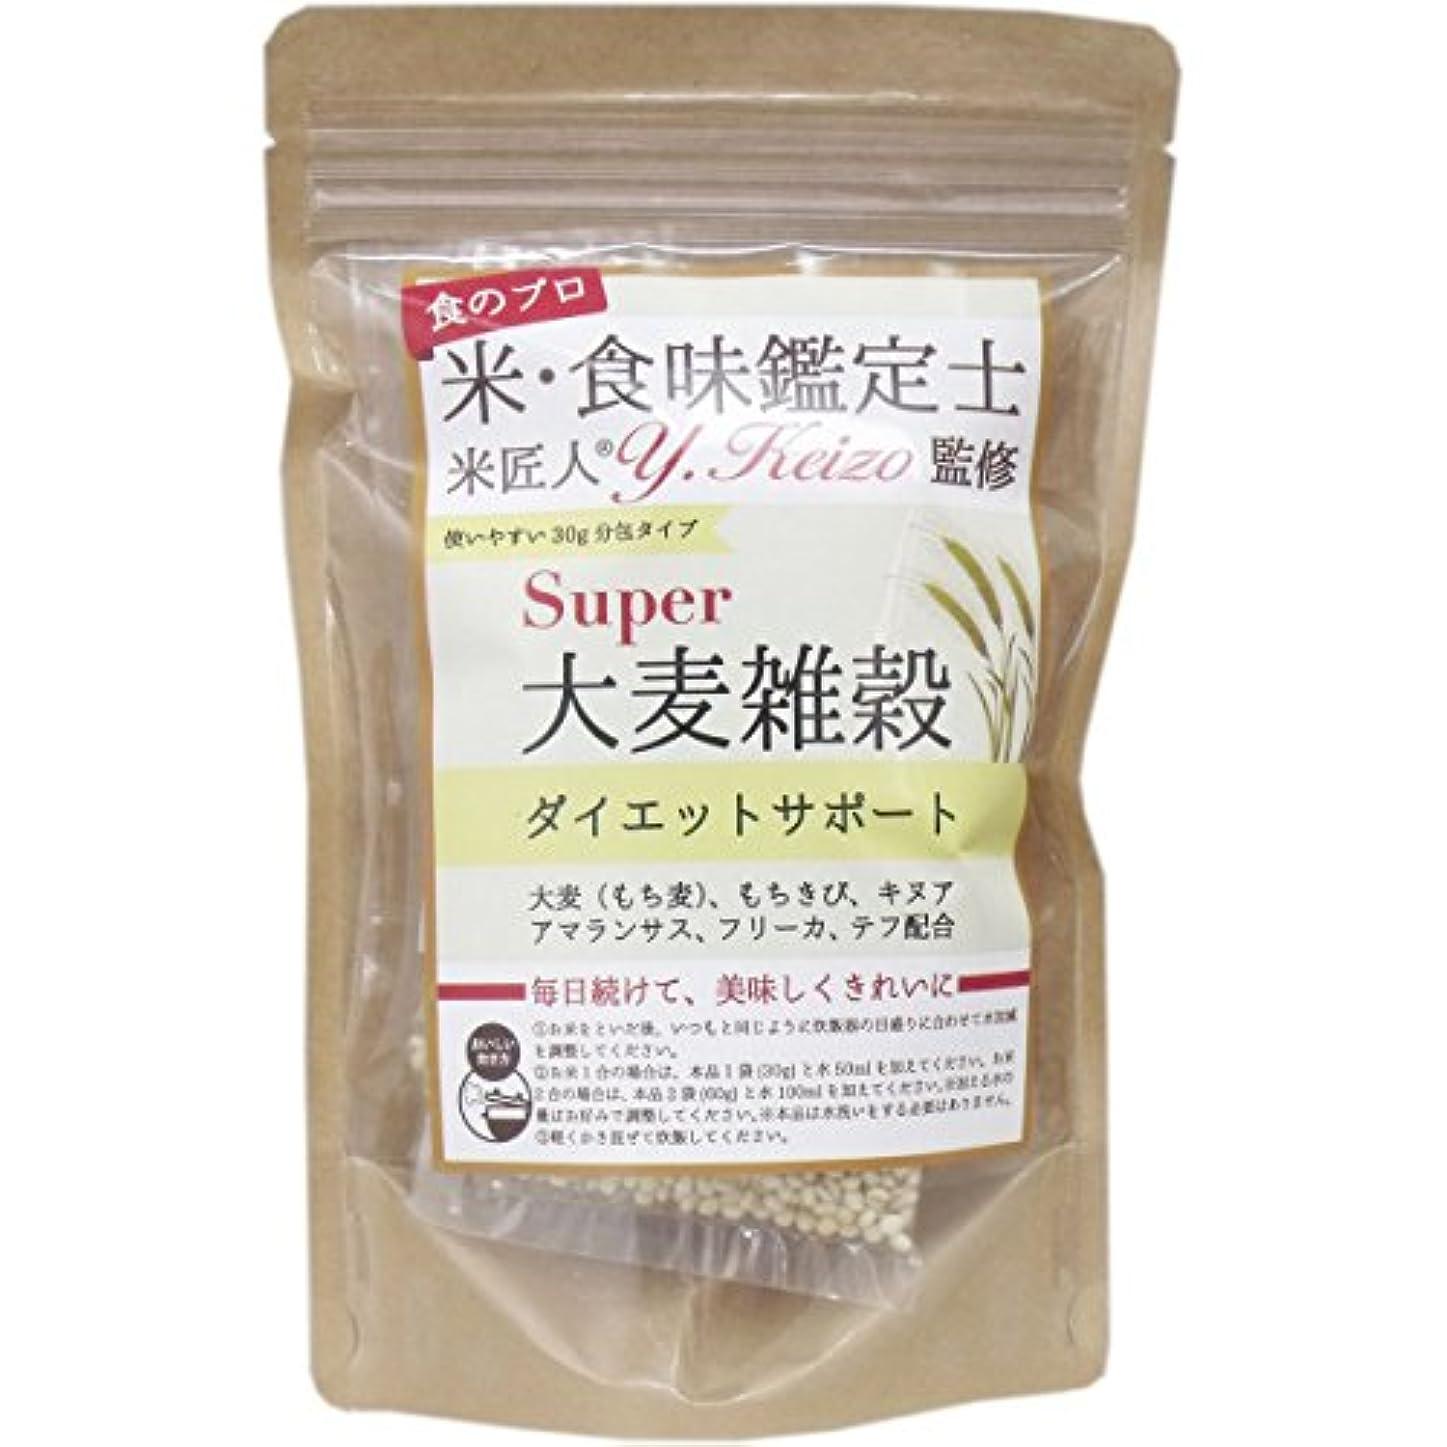 シェードグロー同志スーパー大麦雑穀ダイエットサポート 30g×6包入×5点